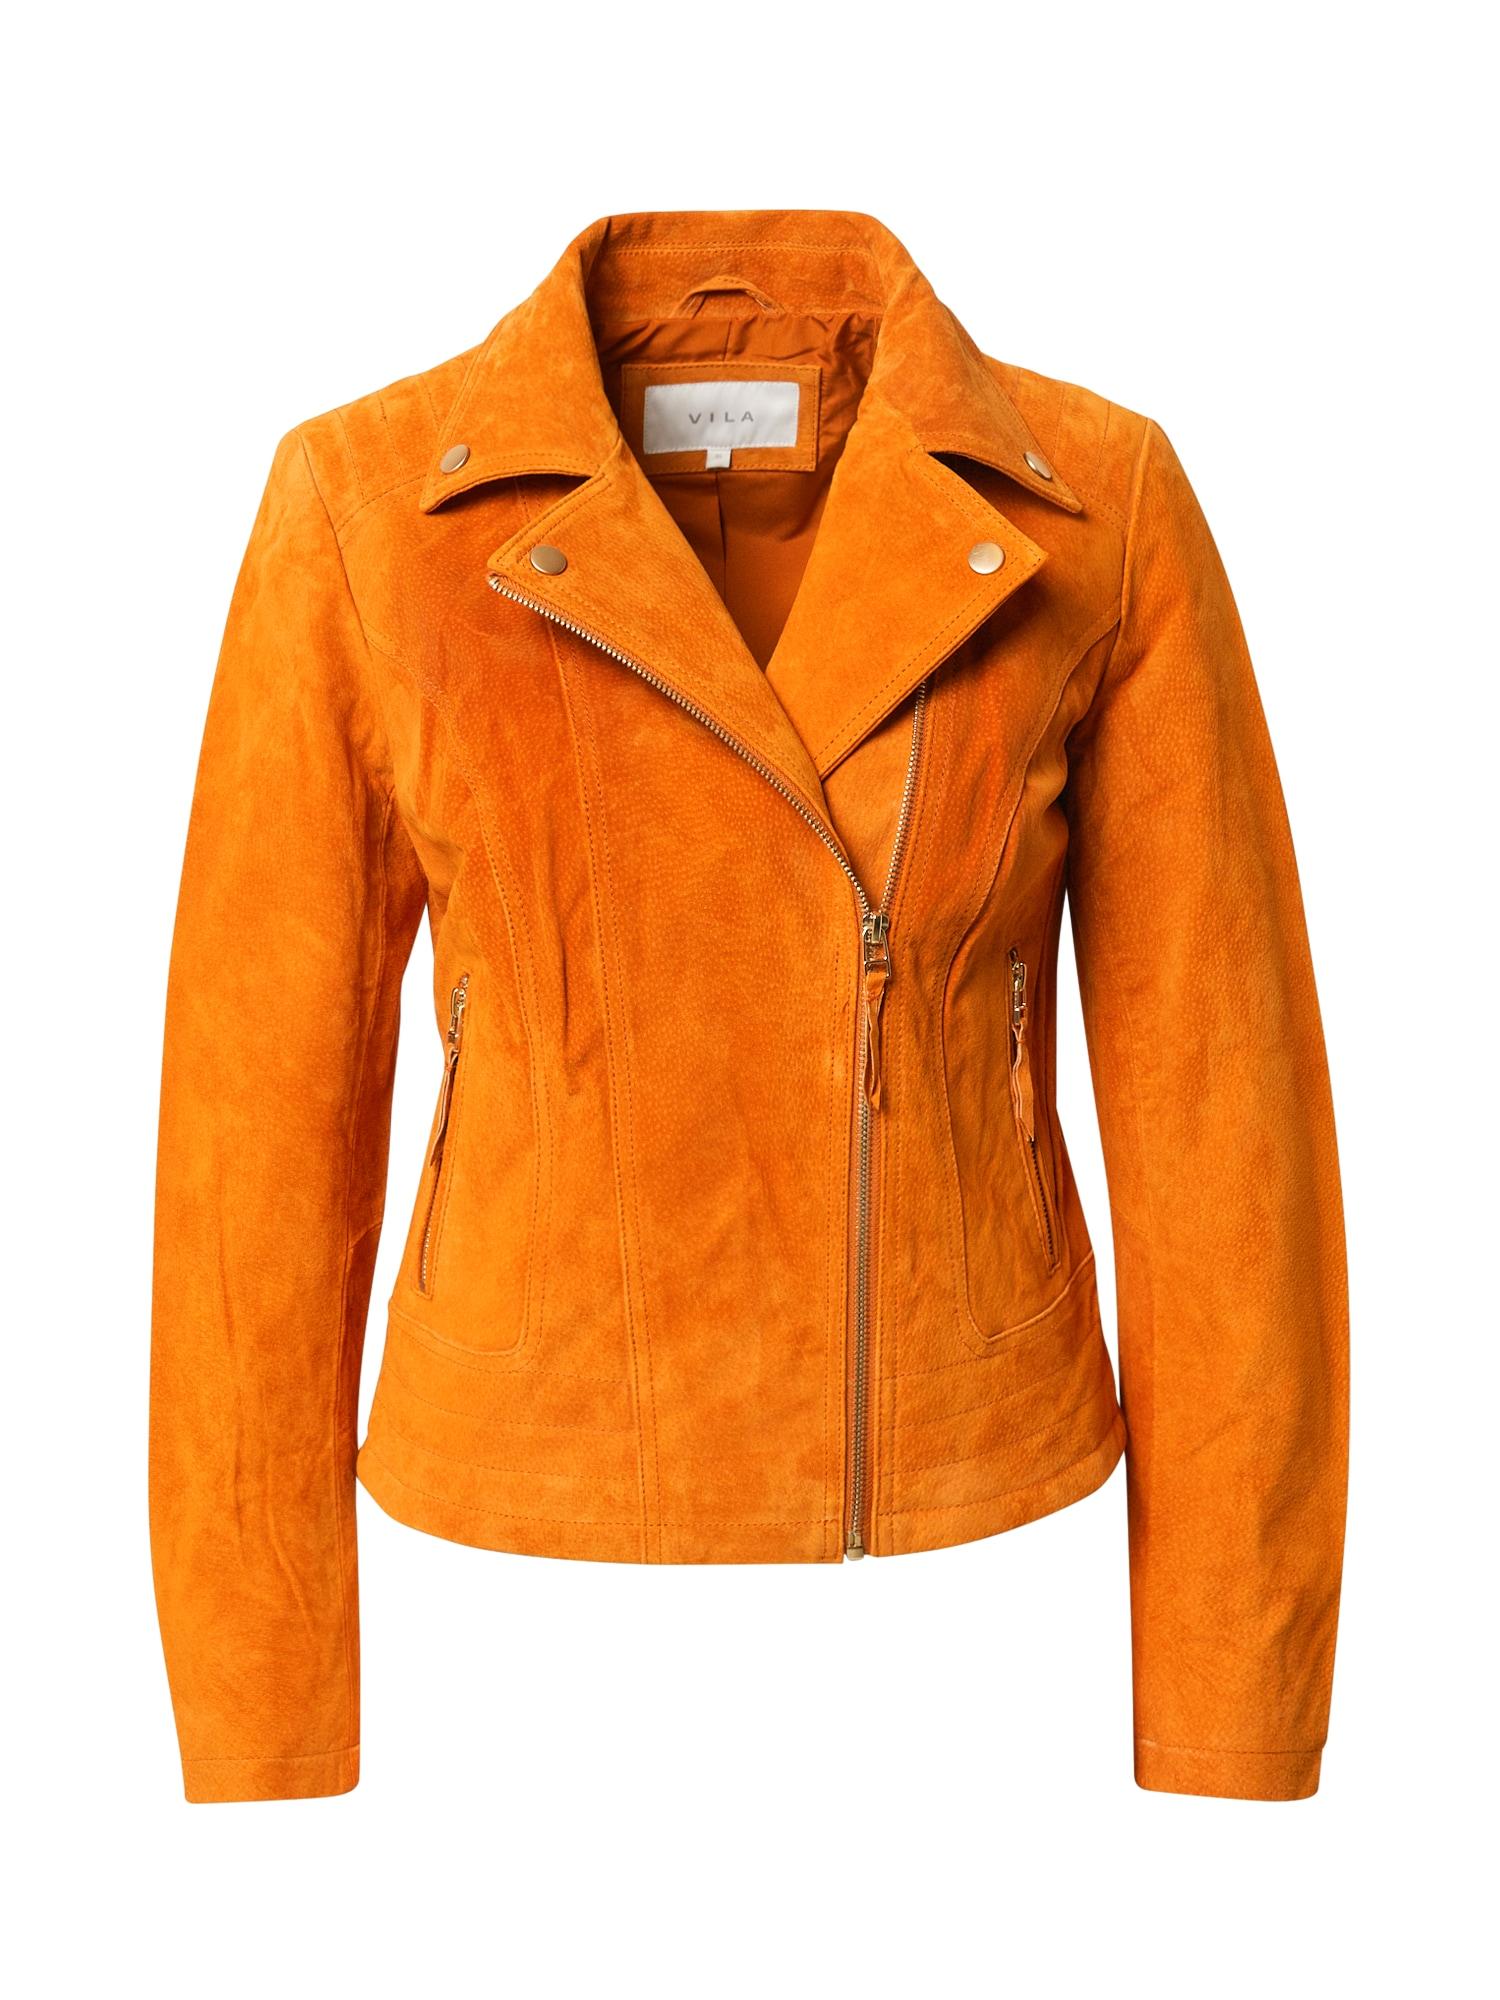 VILA Demisezoninė striukė oranžinė